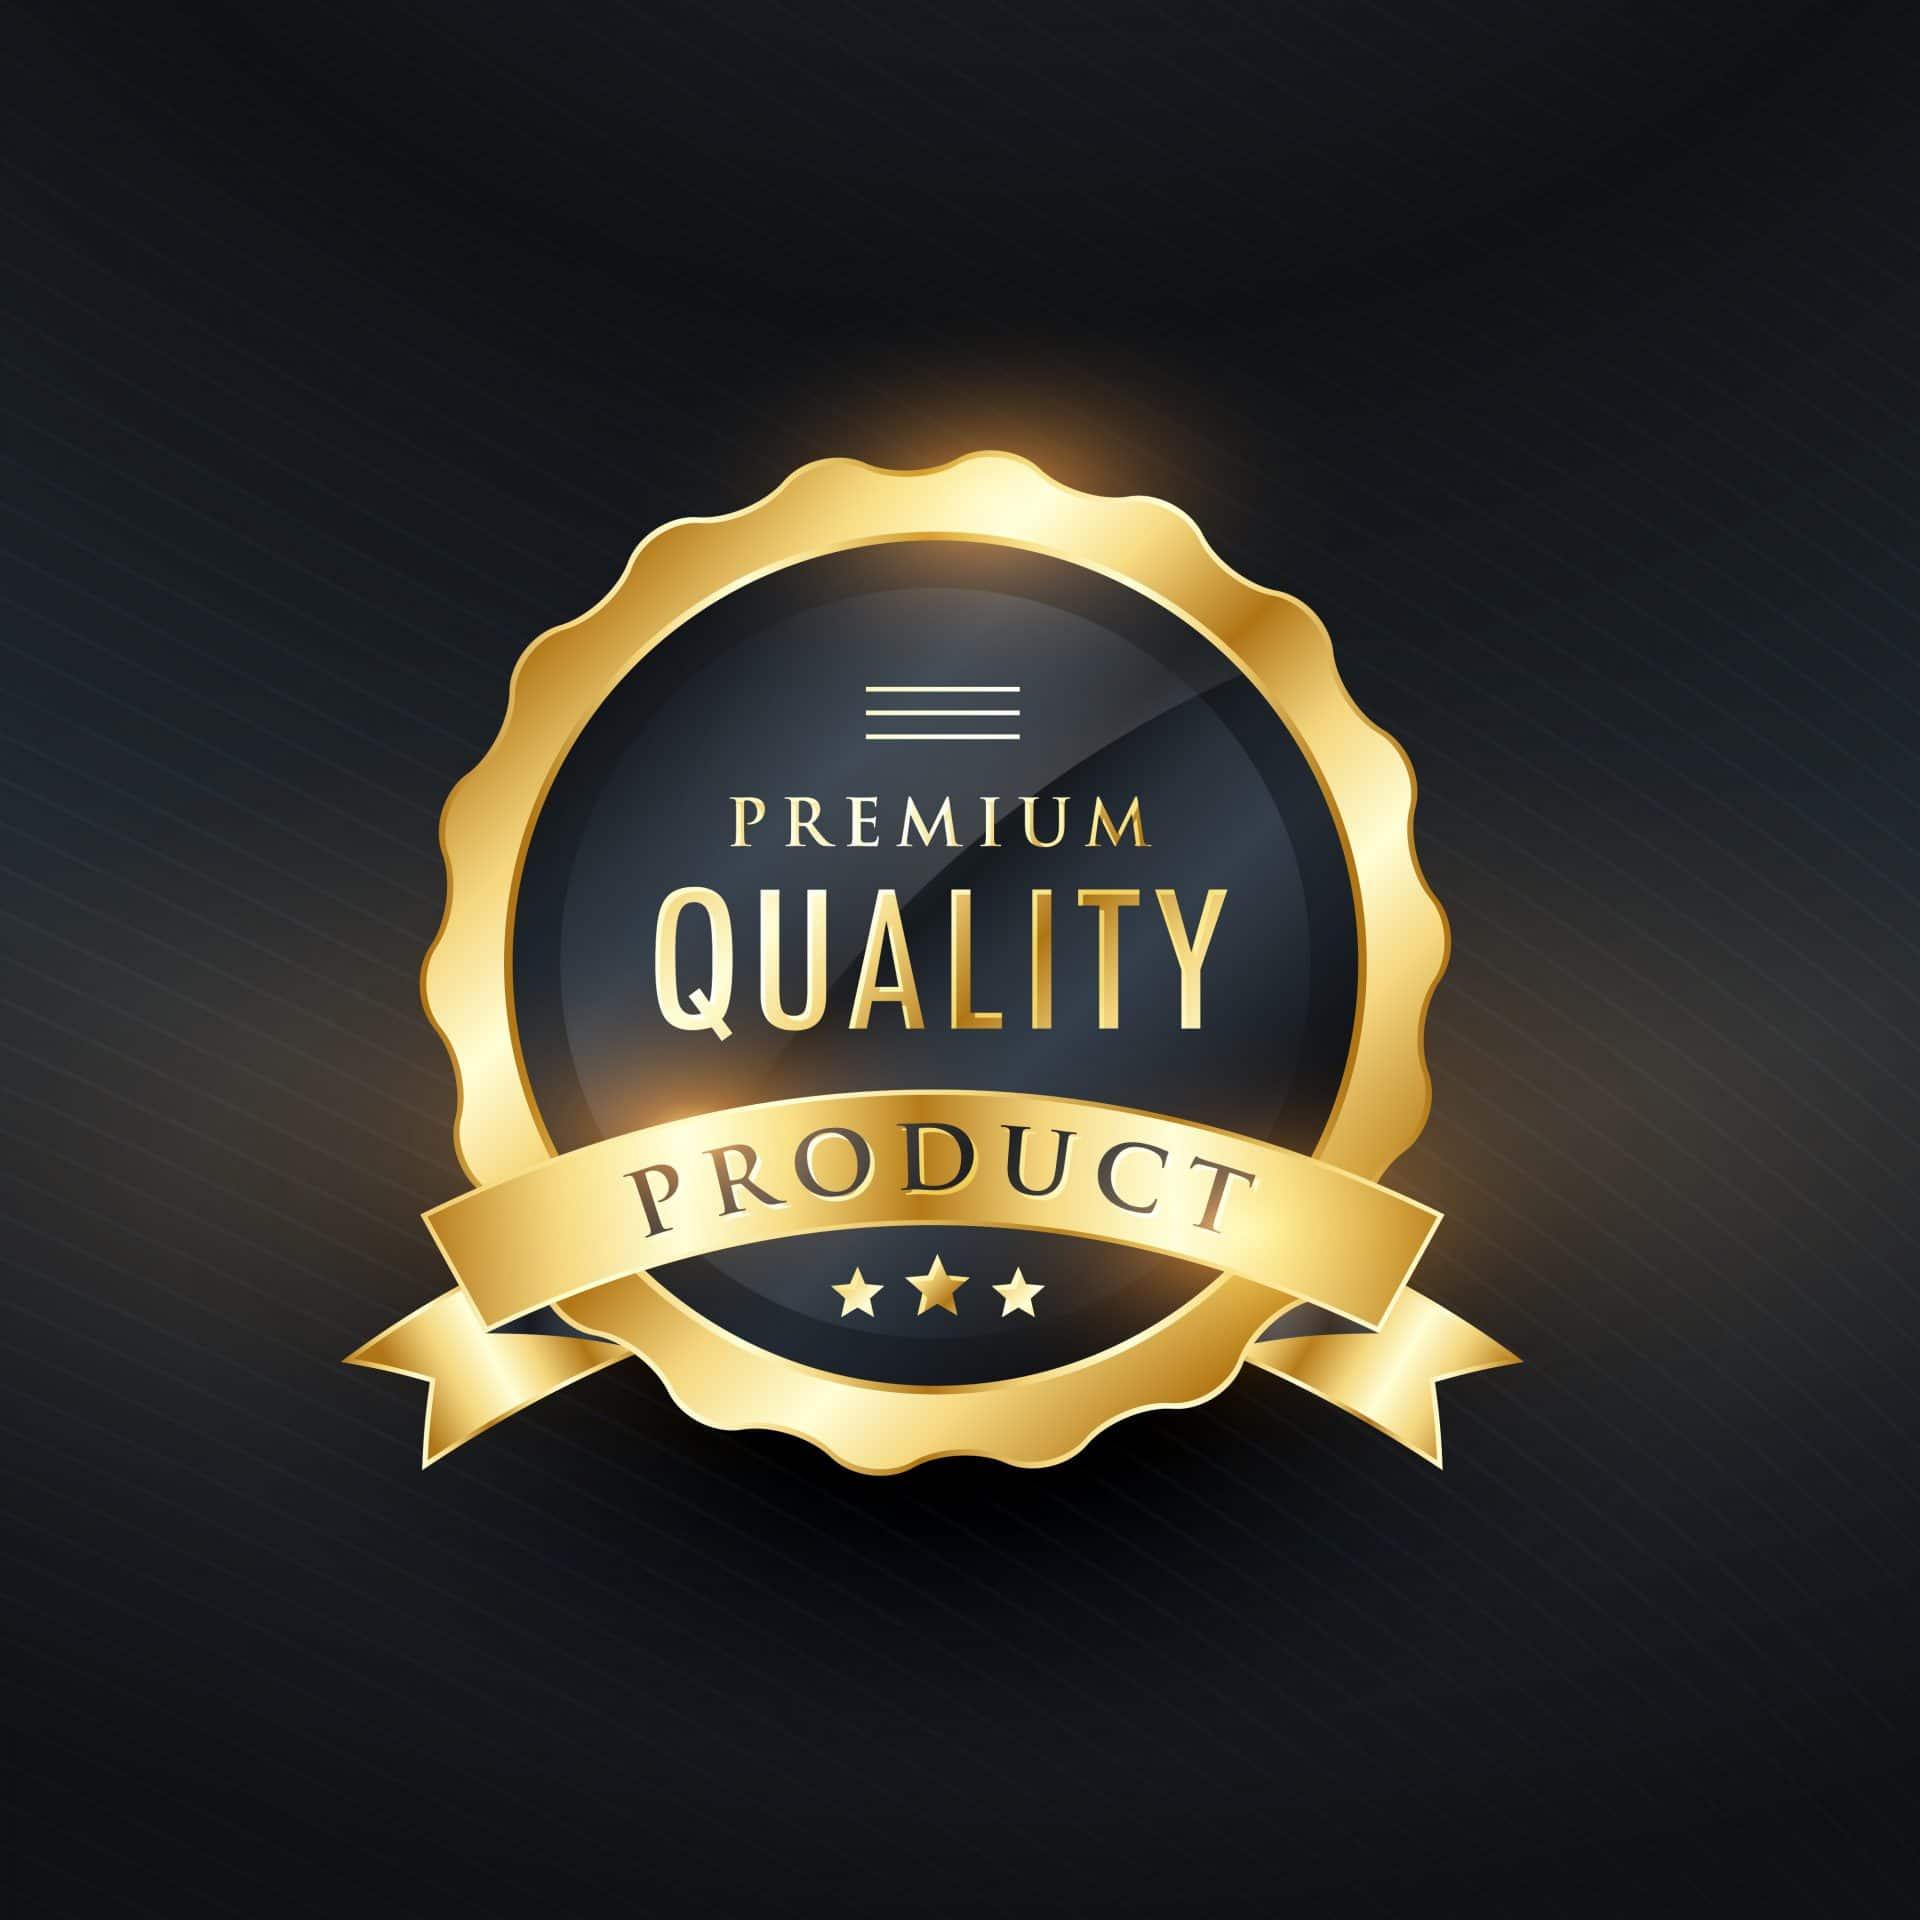 Forvent at kvalitets webudvikling koster